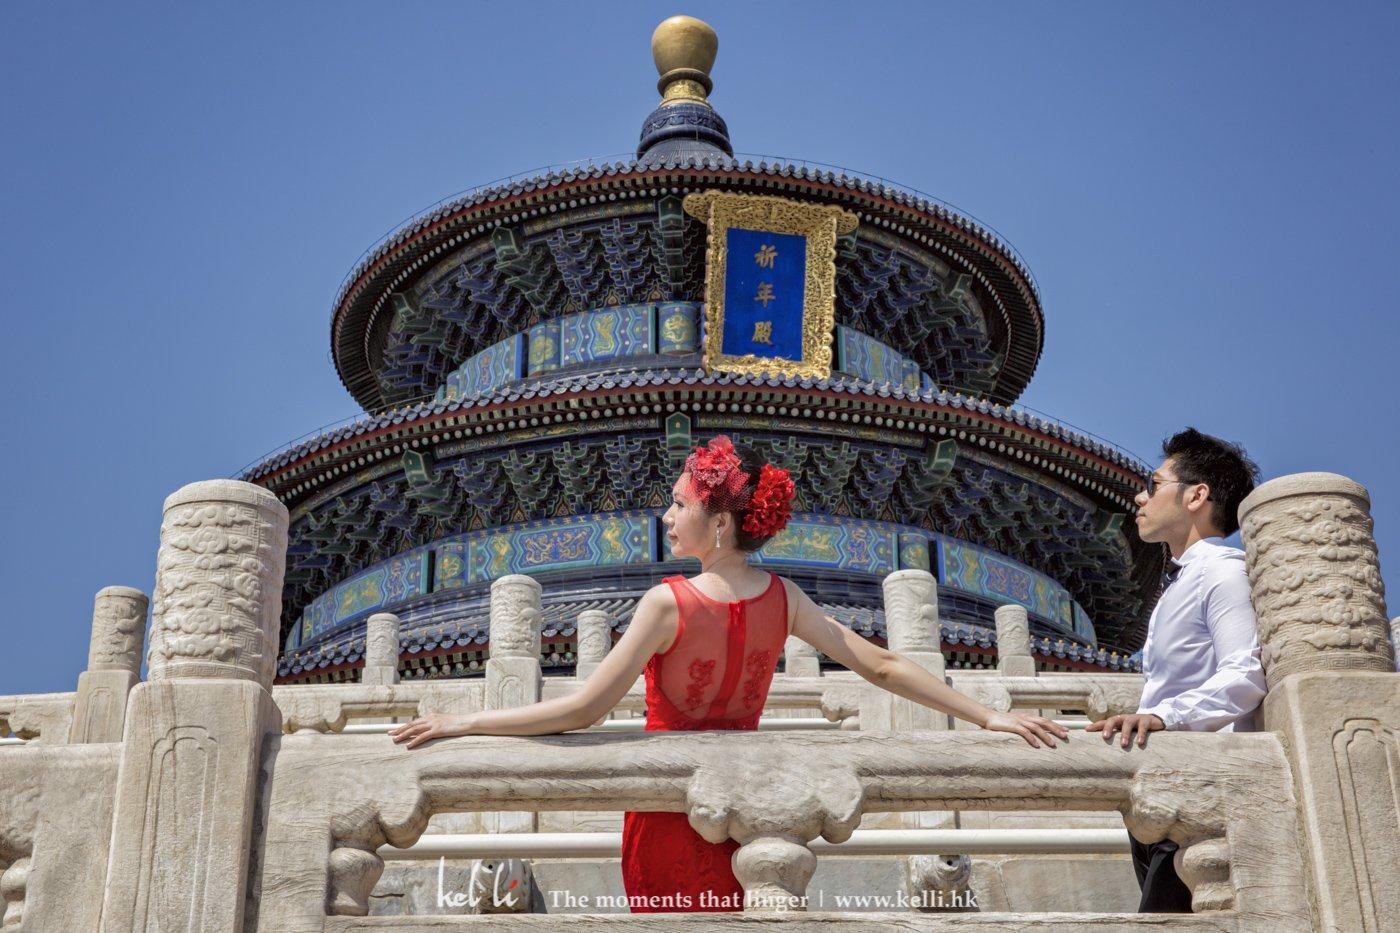 北京愛情故事 | 北京婚紗攝影 Beijing Prewedding